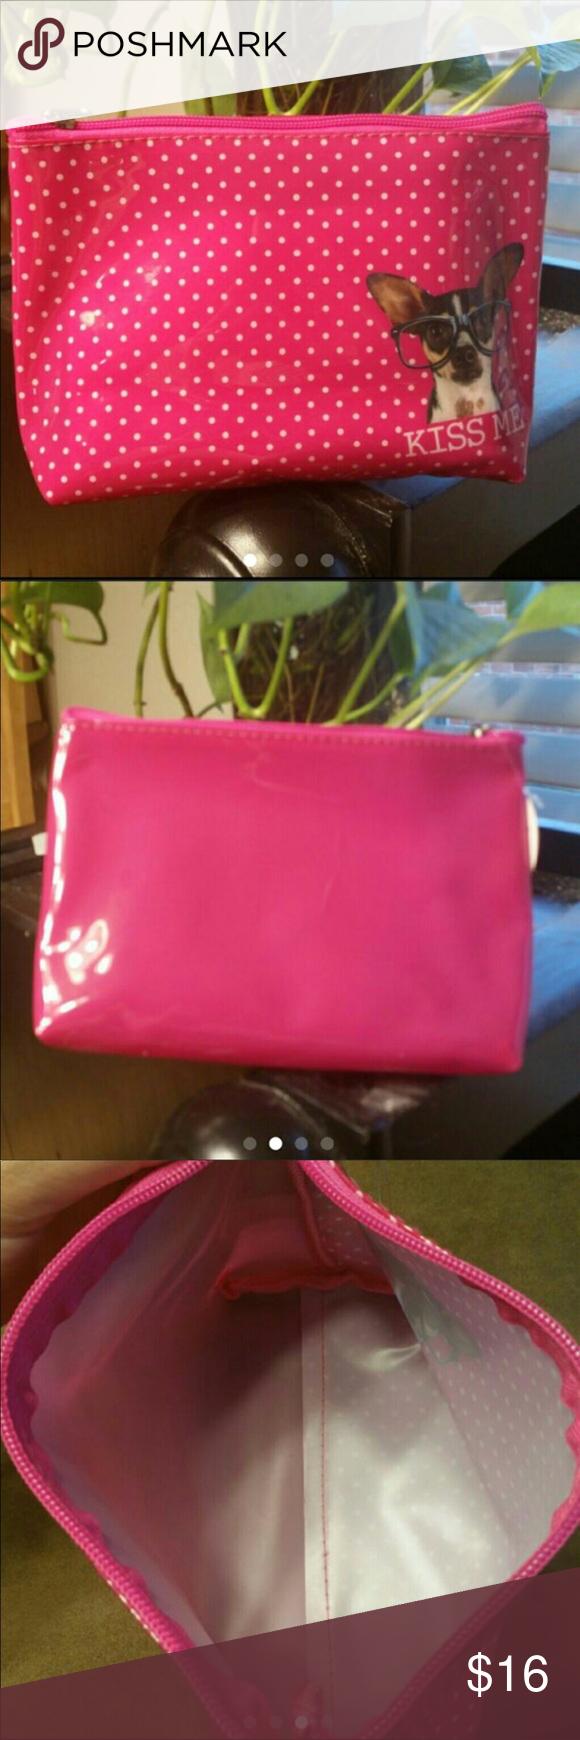 """Hot Pink """"Kiss Me"""" chihuahua makeup bag NWT Hot pink"""